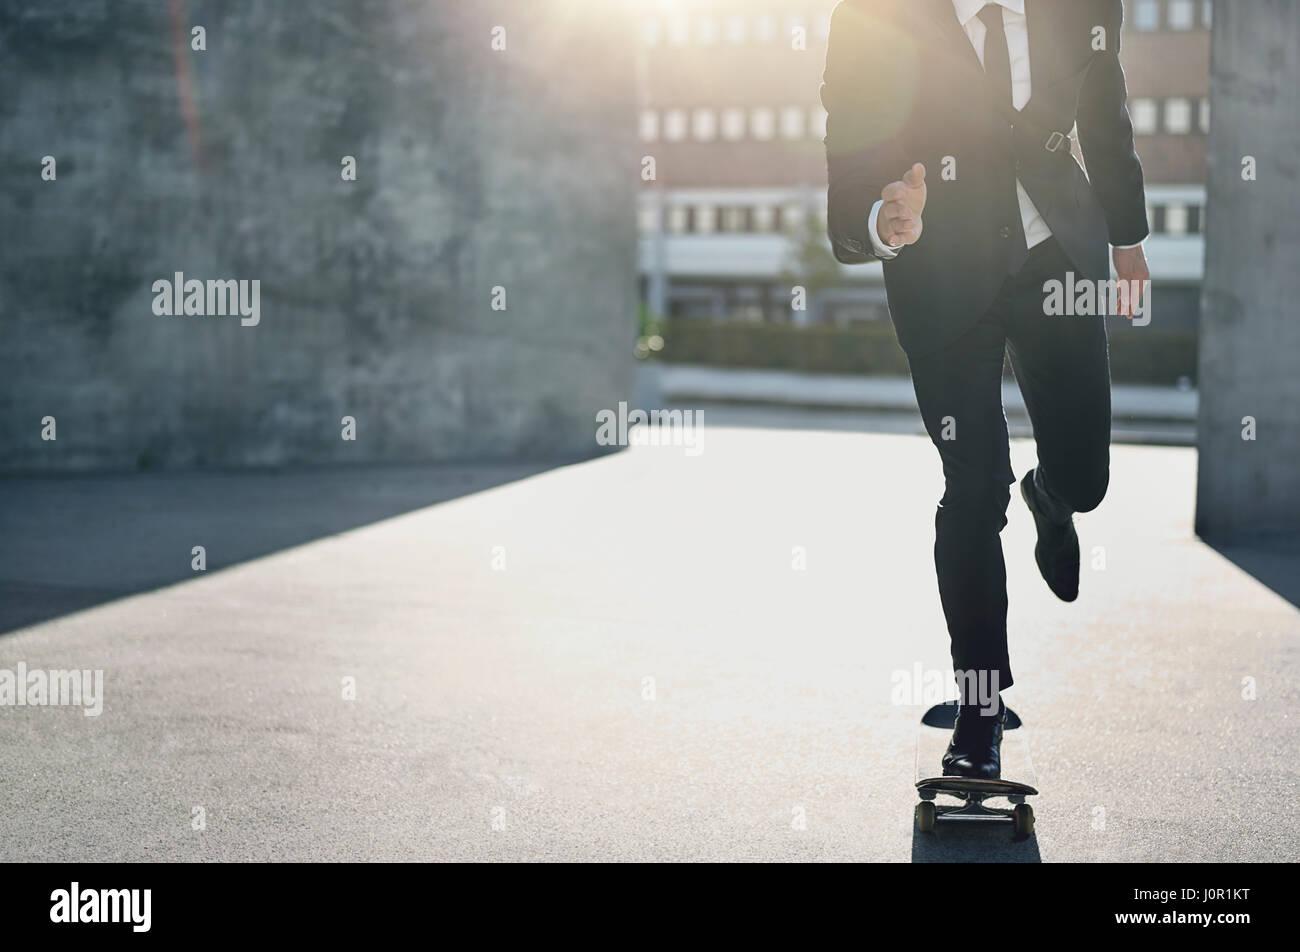 Orizzontale colpo di raccolto di un imprenditore indossare tuta formale a cavallo di un skateboard in città. Immagini Stock